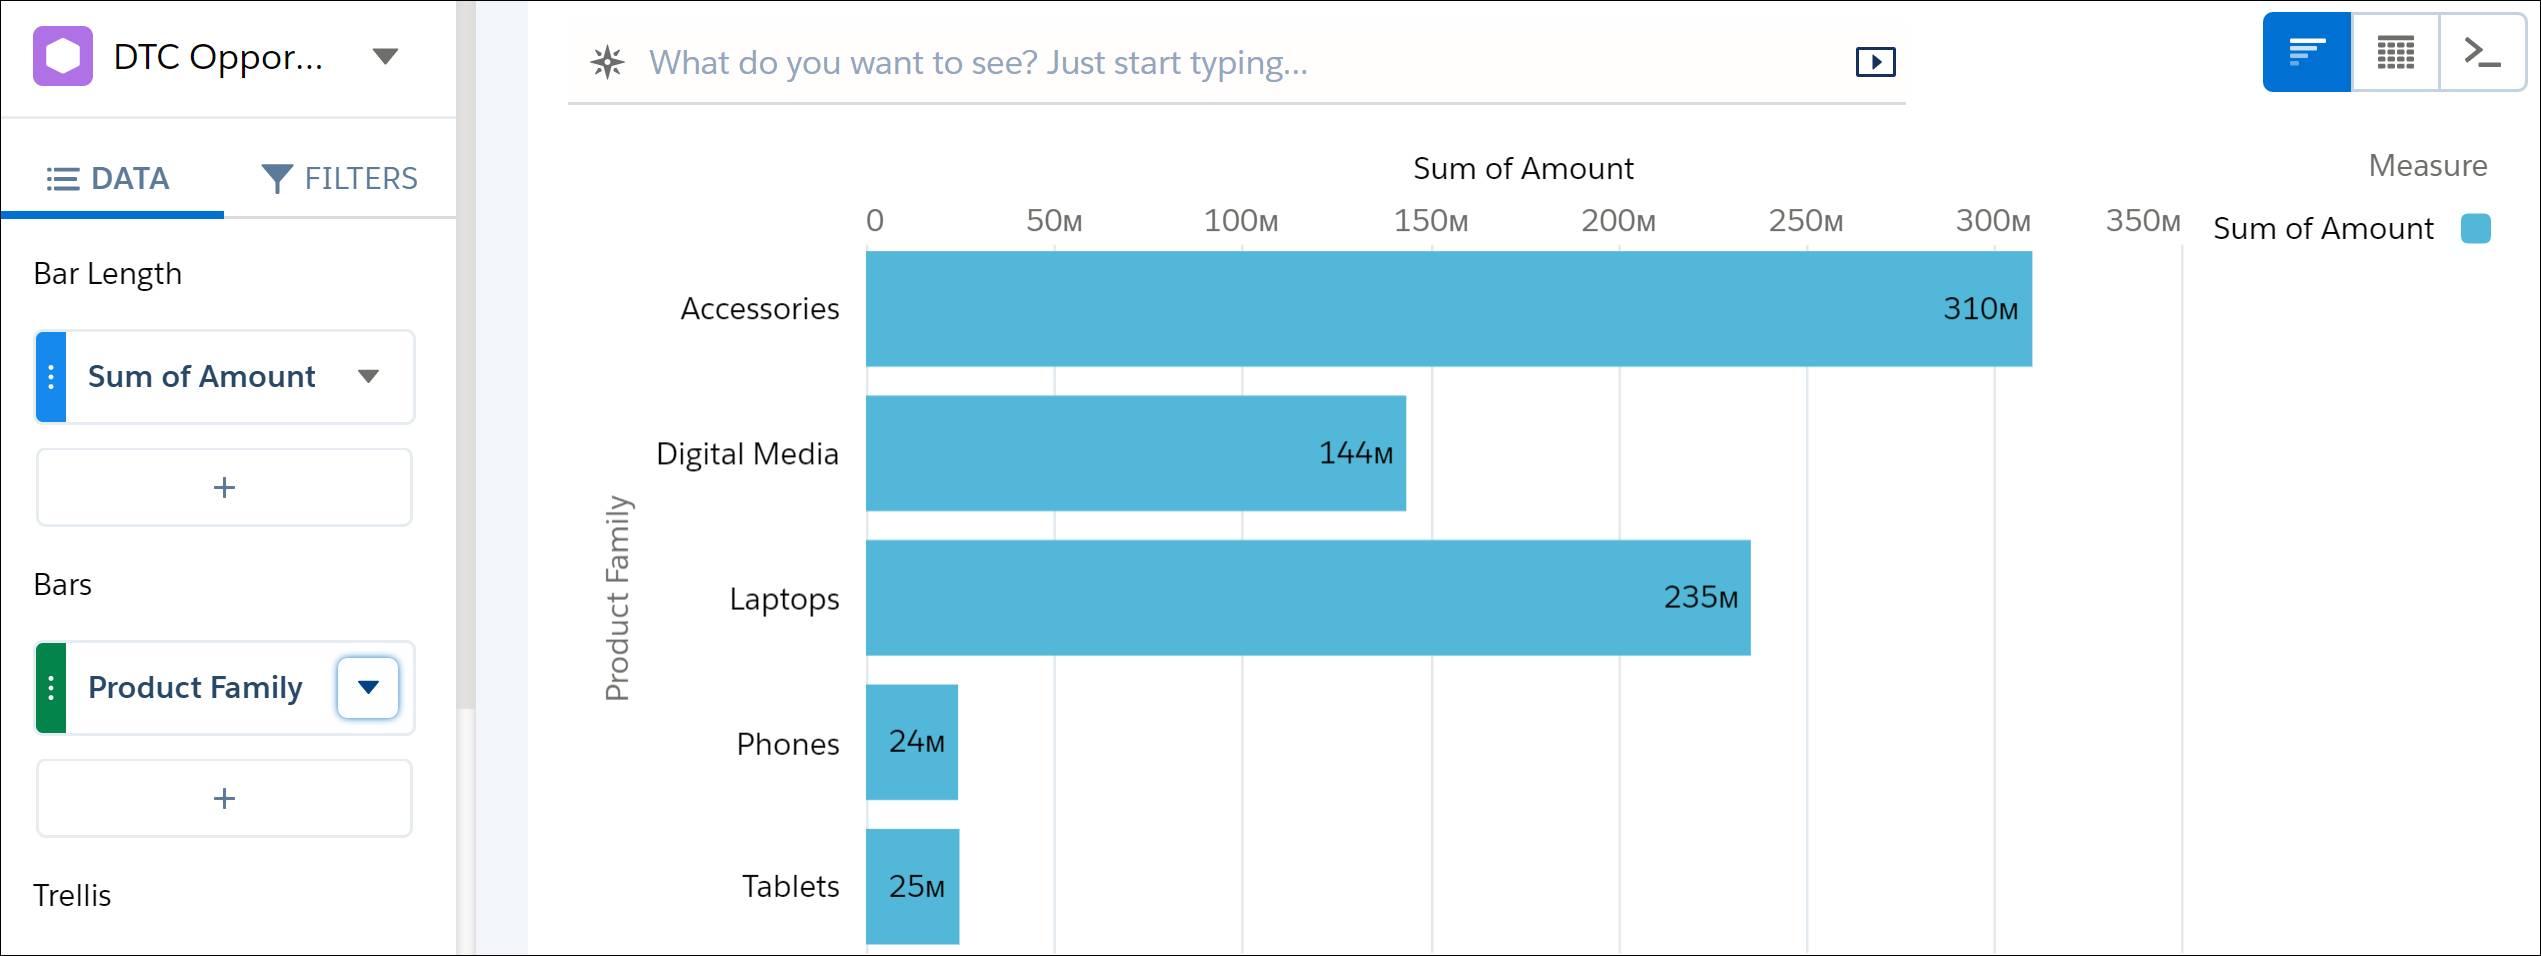 商品ファミリごとの合計収益が表示されたグラフ